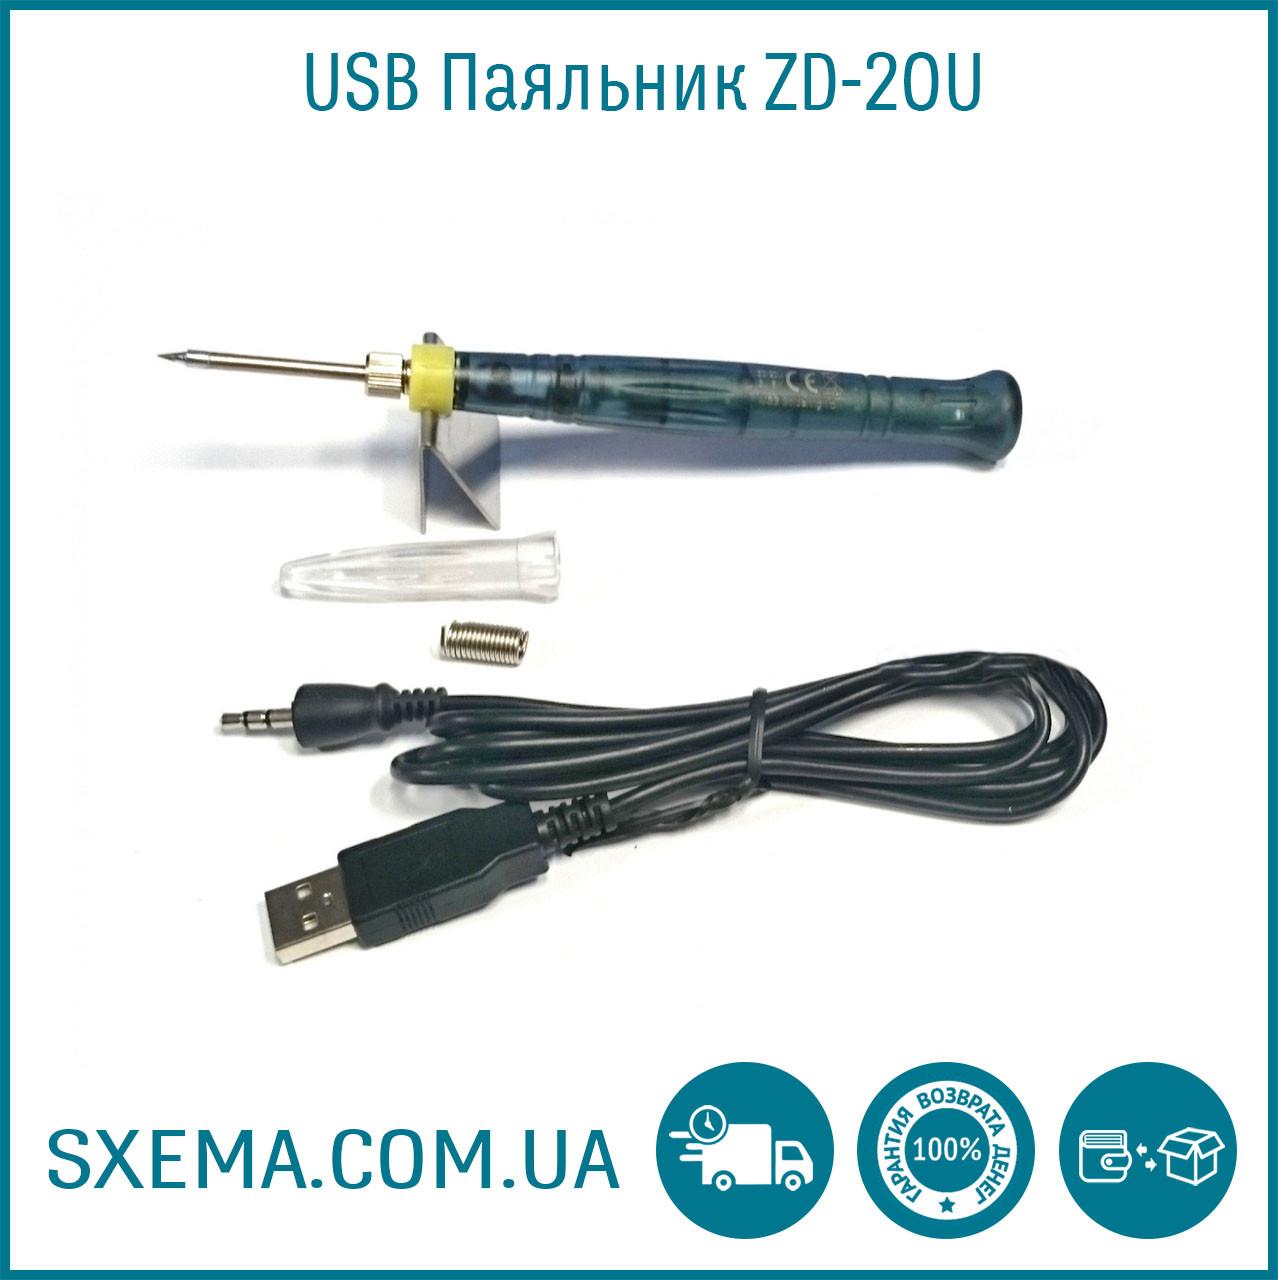 USB паяльник ZD-20U 8W, 1.4 ампера, 5 вольт